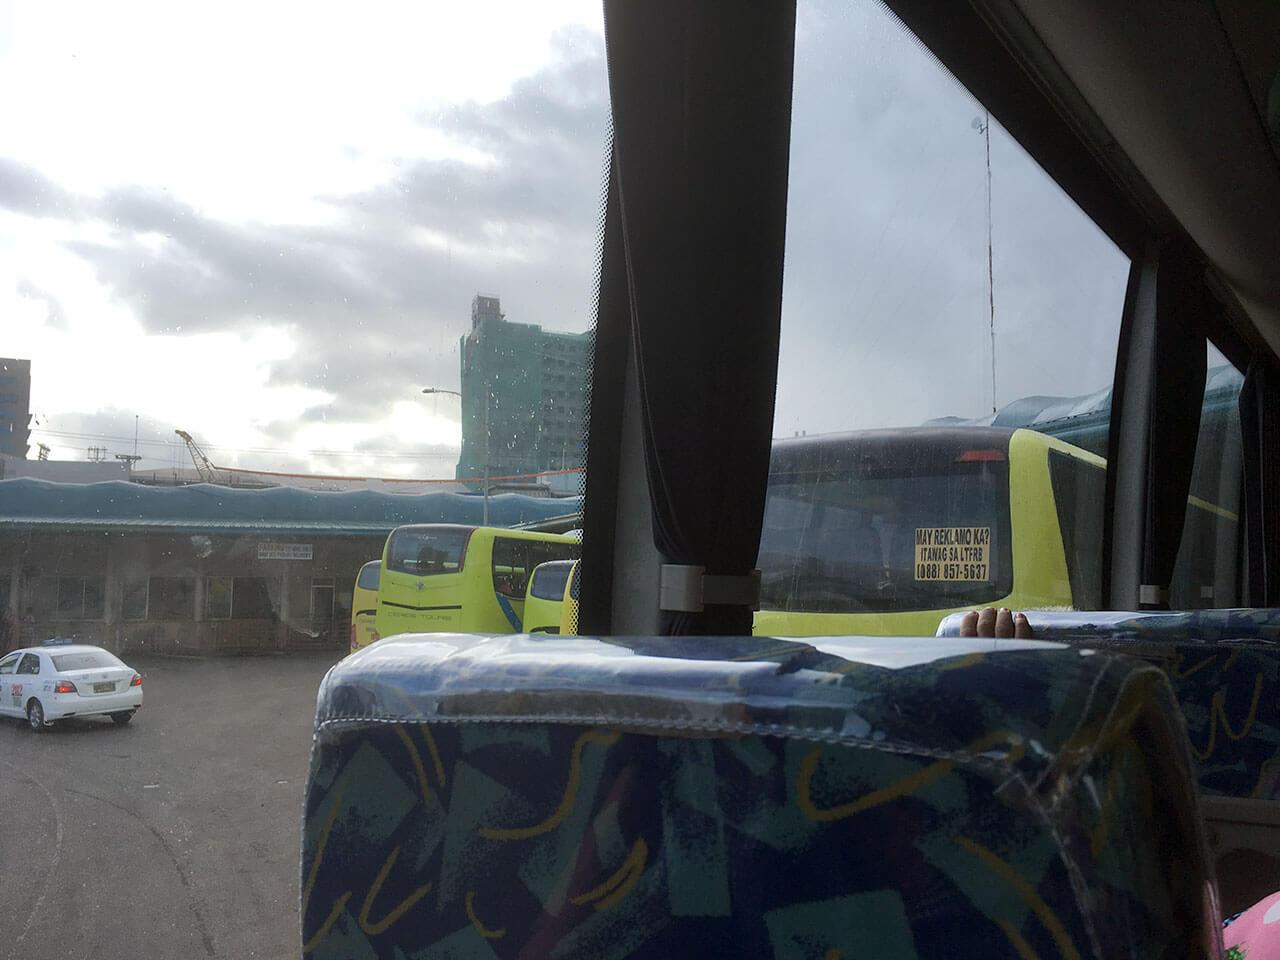 翌朝は、長距離バスでドゥマゲッティ市まで移動します。